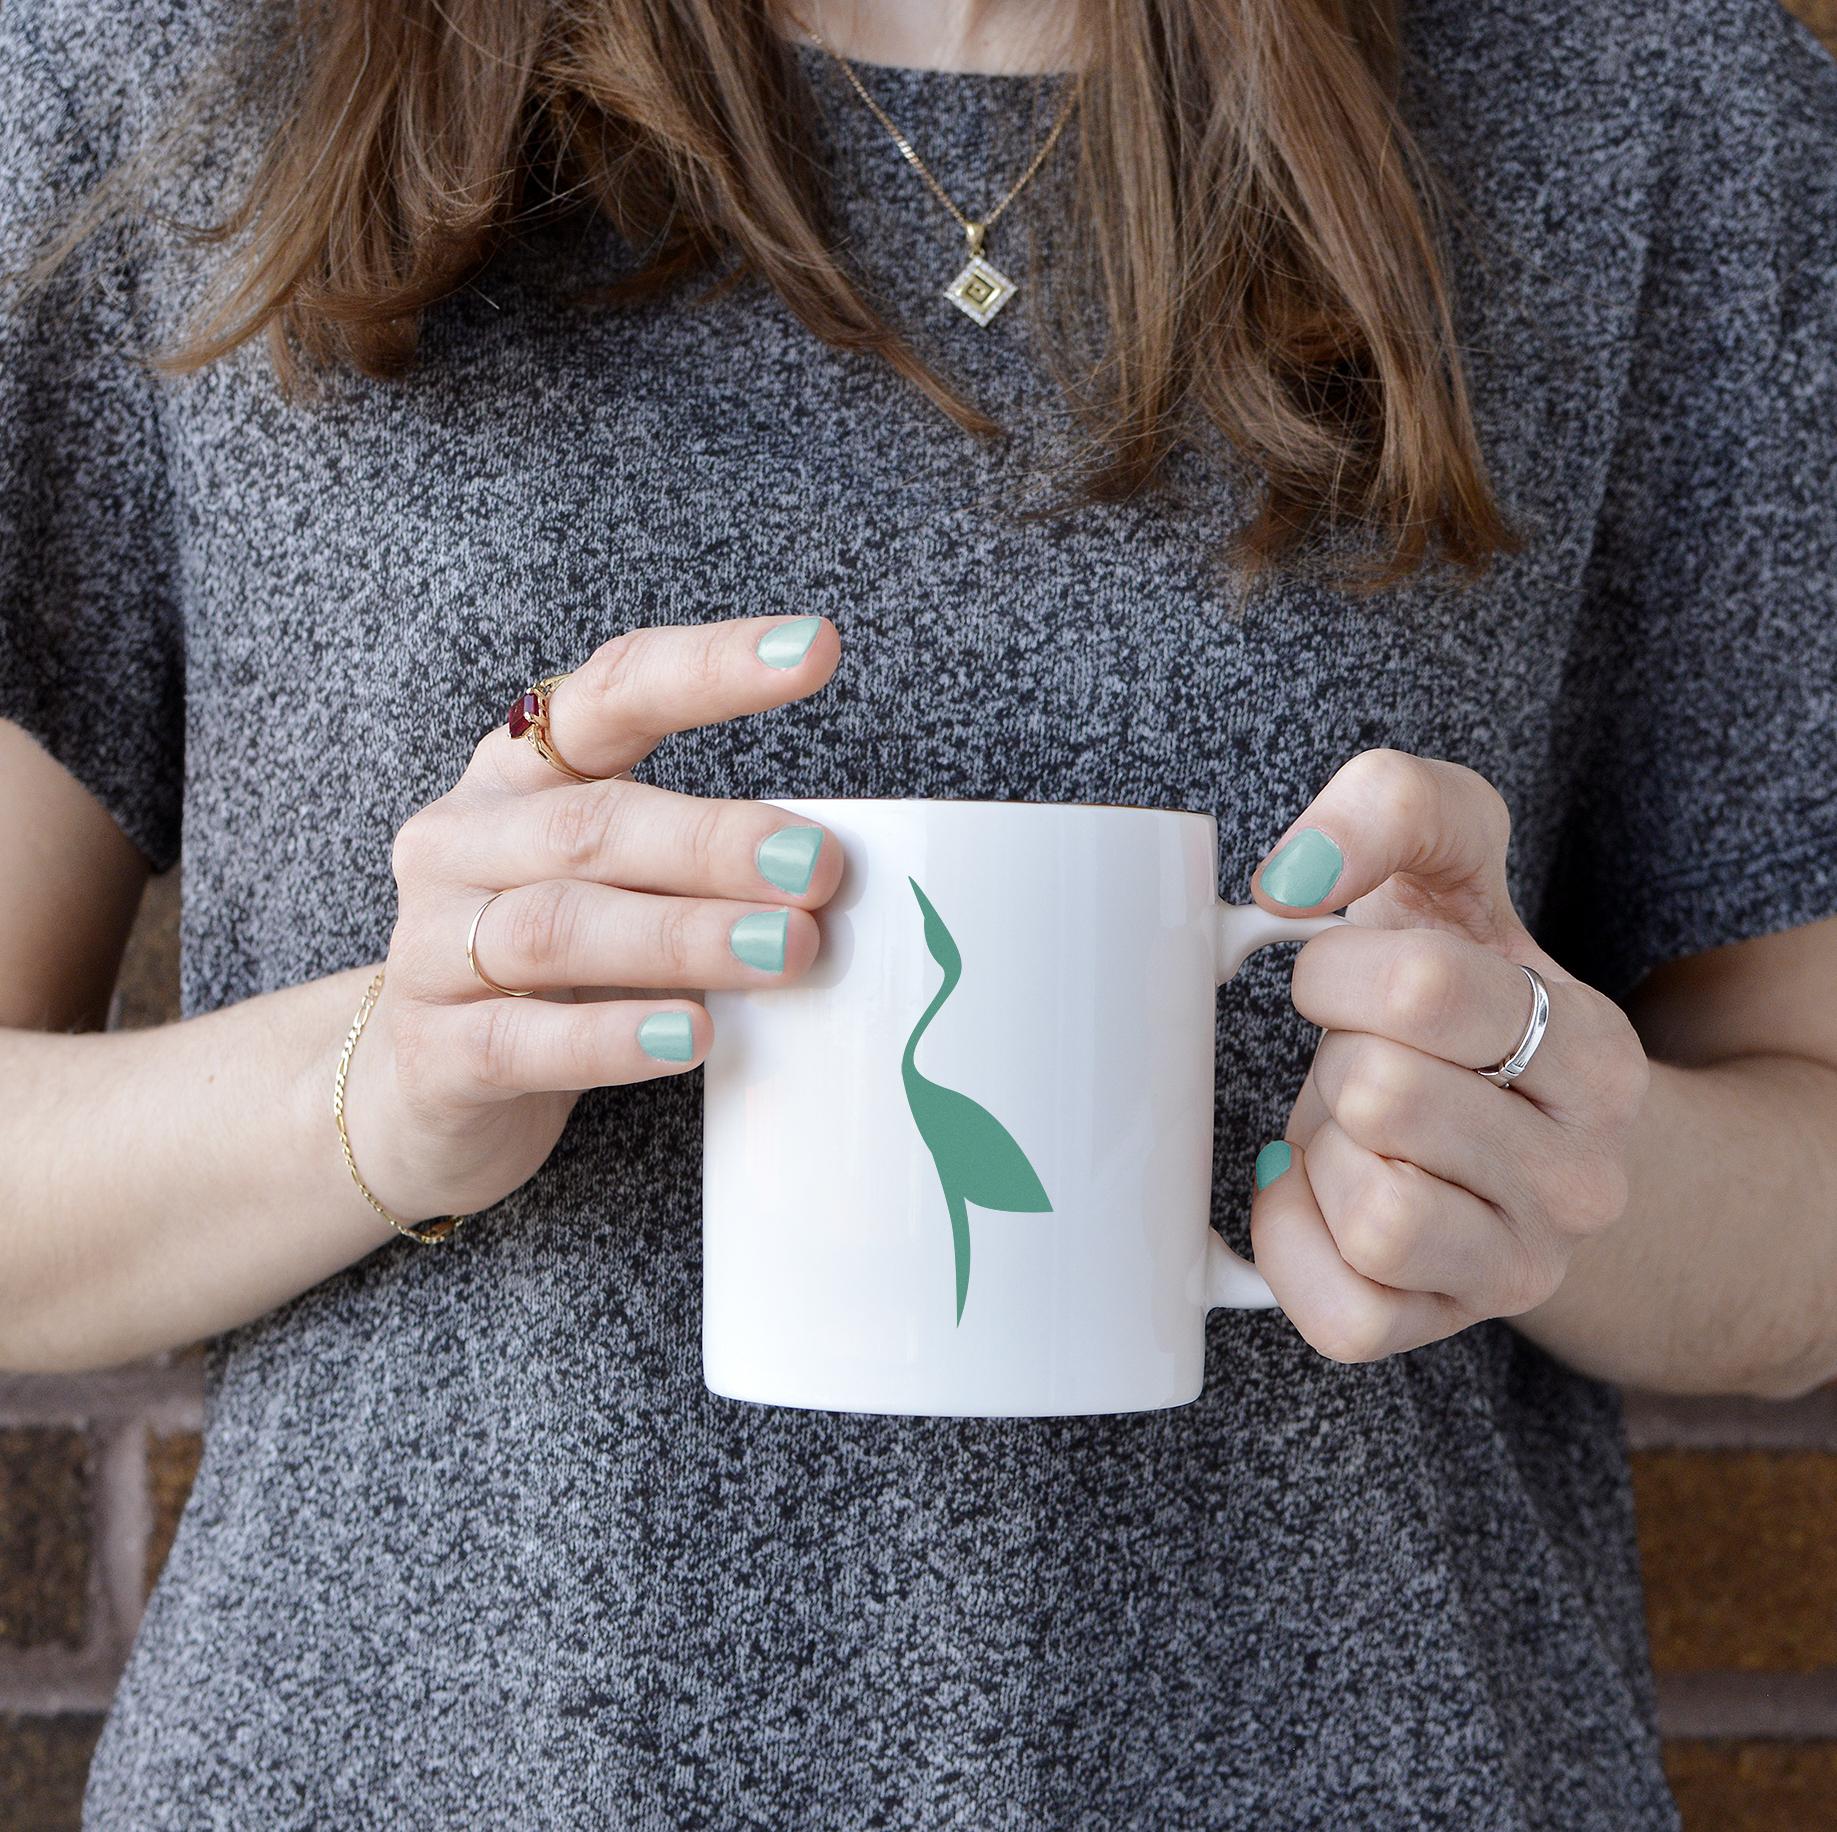 Upraised mug